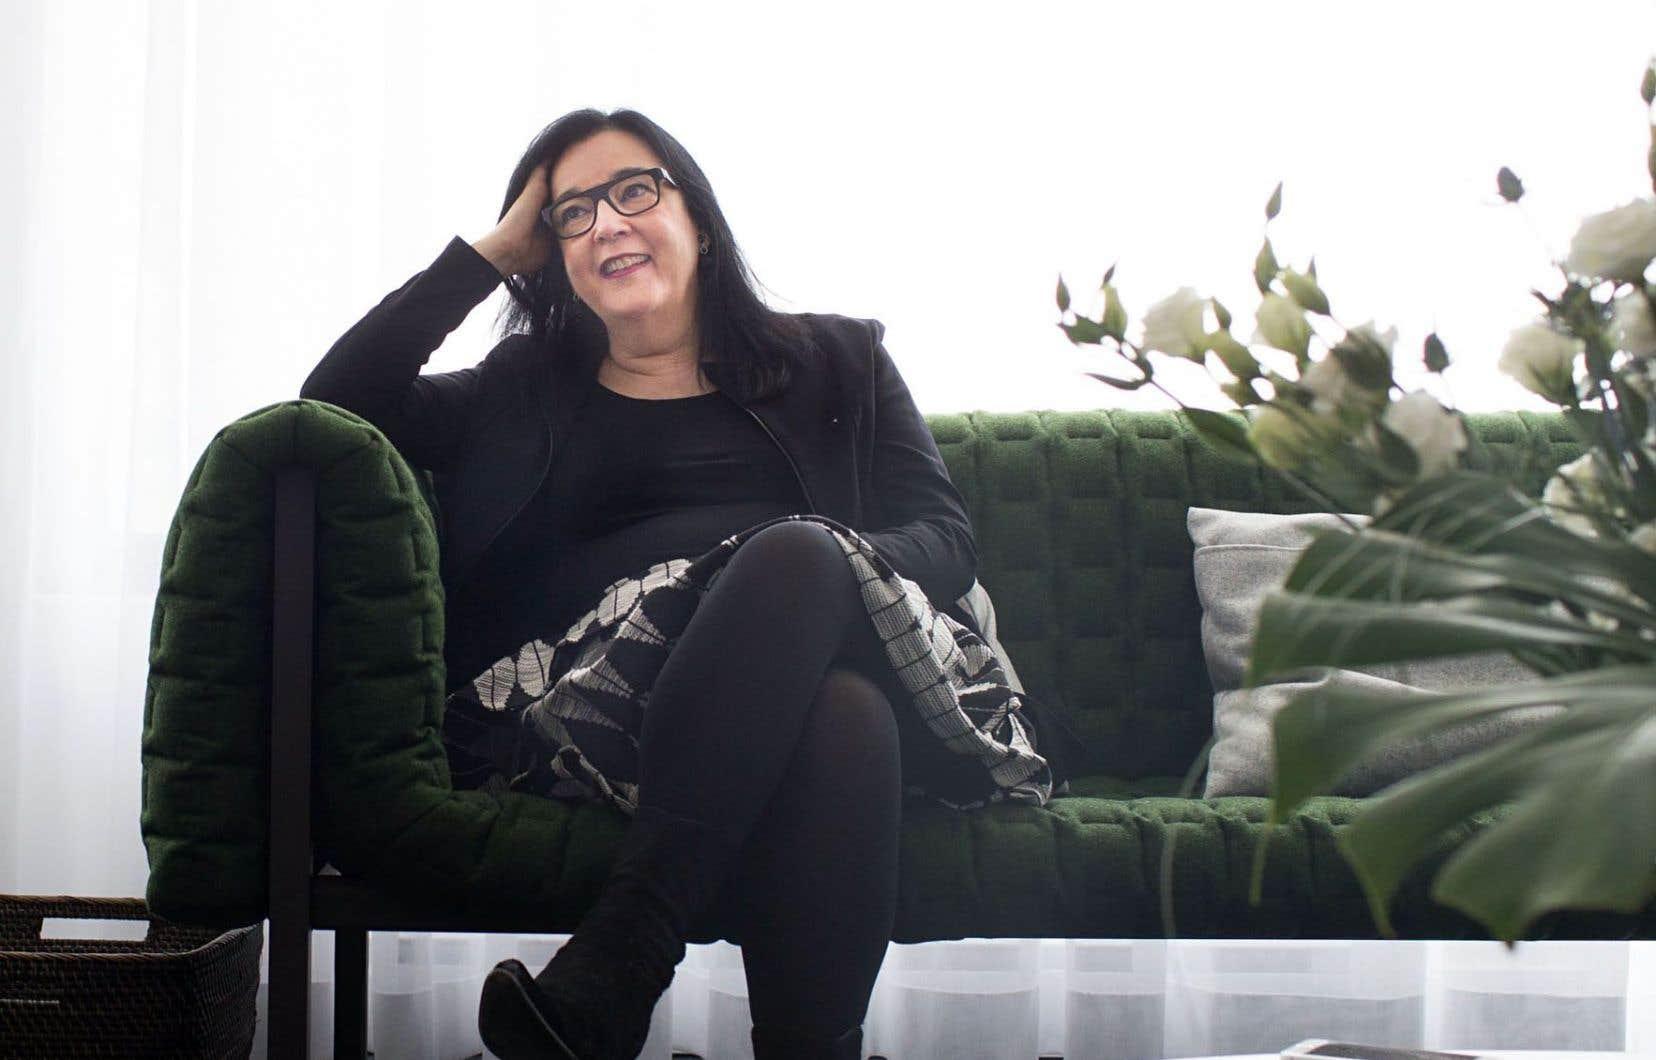 Le partage des idées et des découvertes, «philosophie de vie» chez Chantal Pontbriand, animera, espère-t-elle, le nouvel événement montréalais nommé Sphère(s).